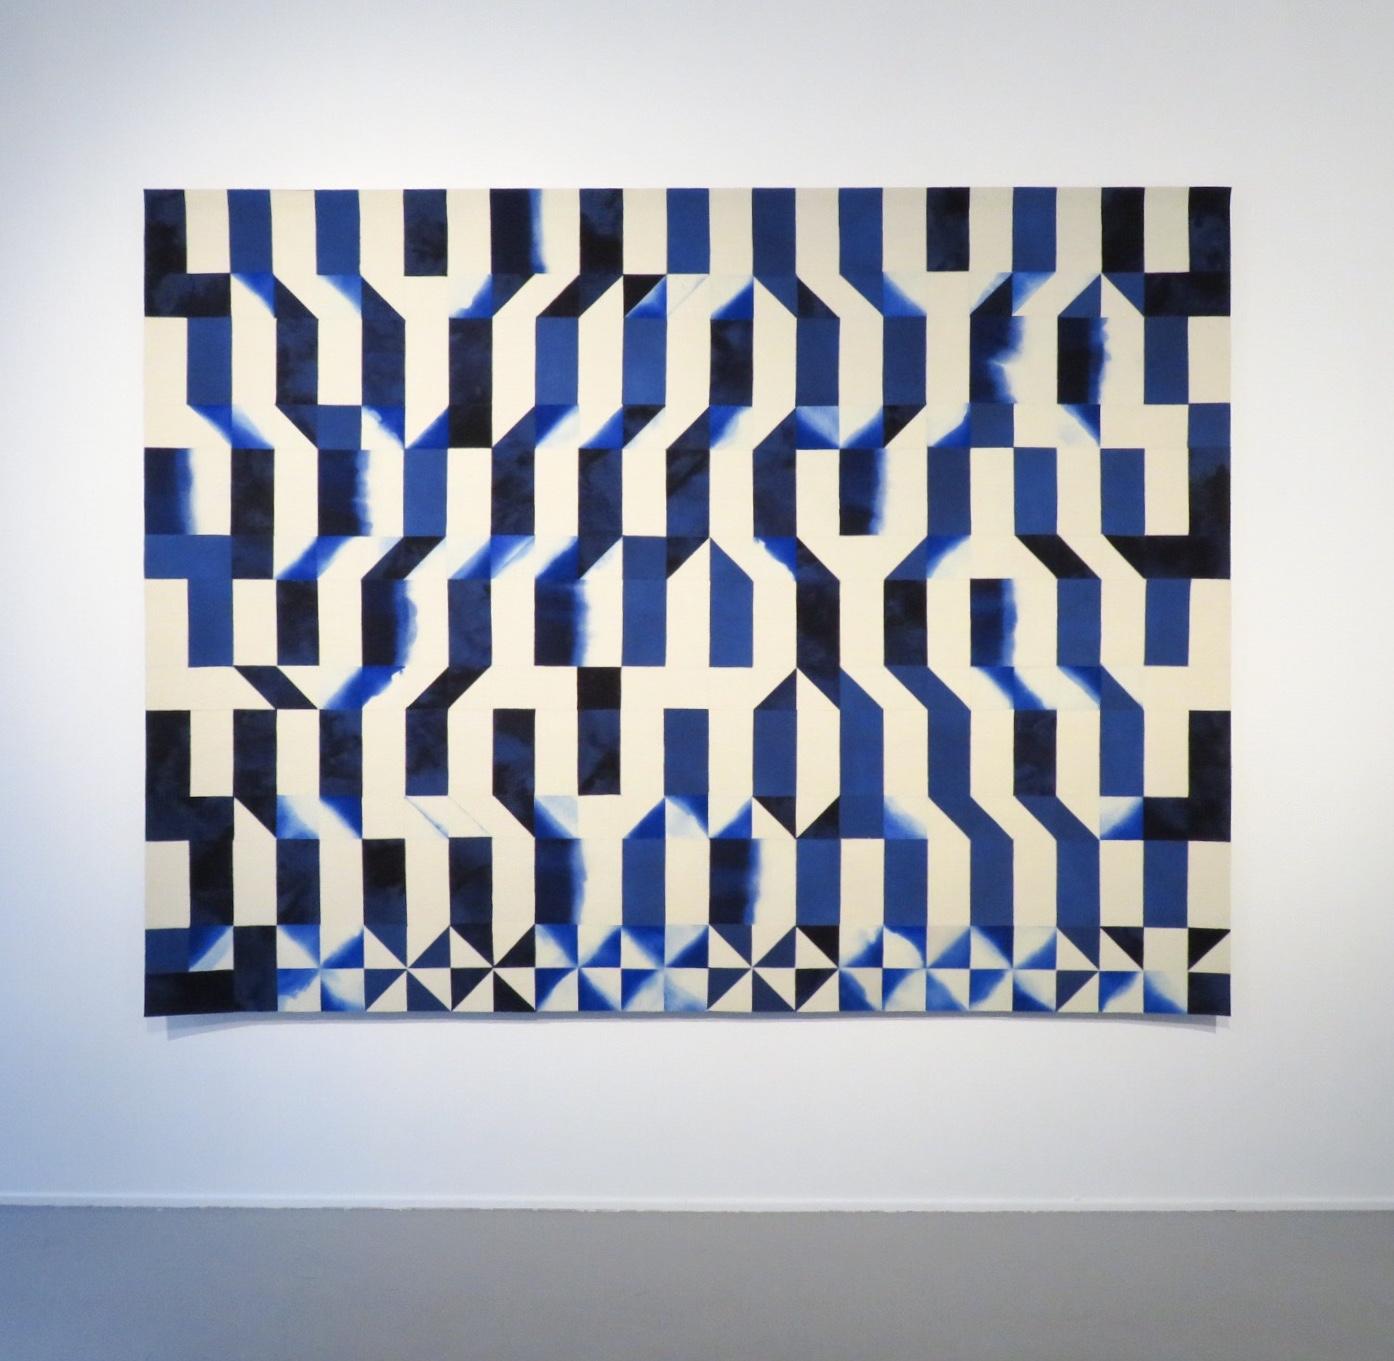 Inger Johanne Rasmussen |  Mønster gjennom tårer , 2019 | H. 187 x W. 245 cm.  Photo: Courtesy of Galleri Format Oslo